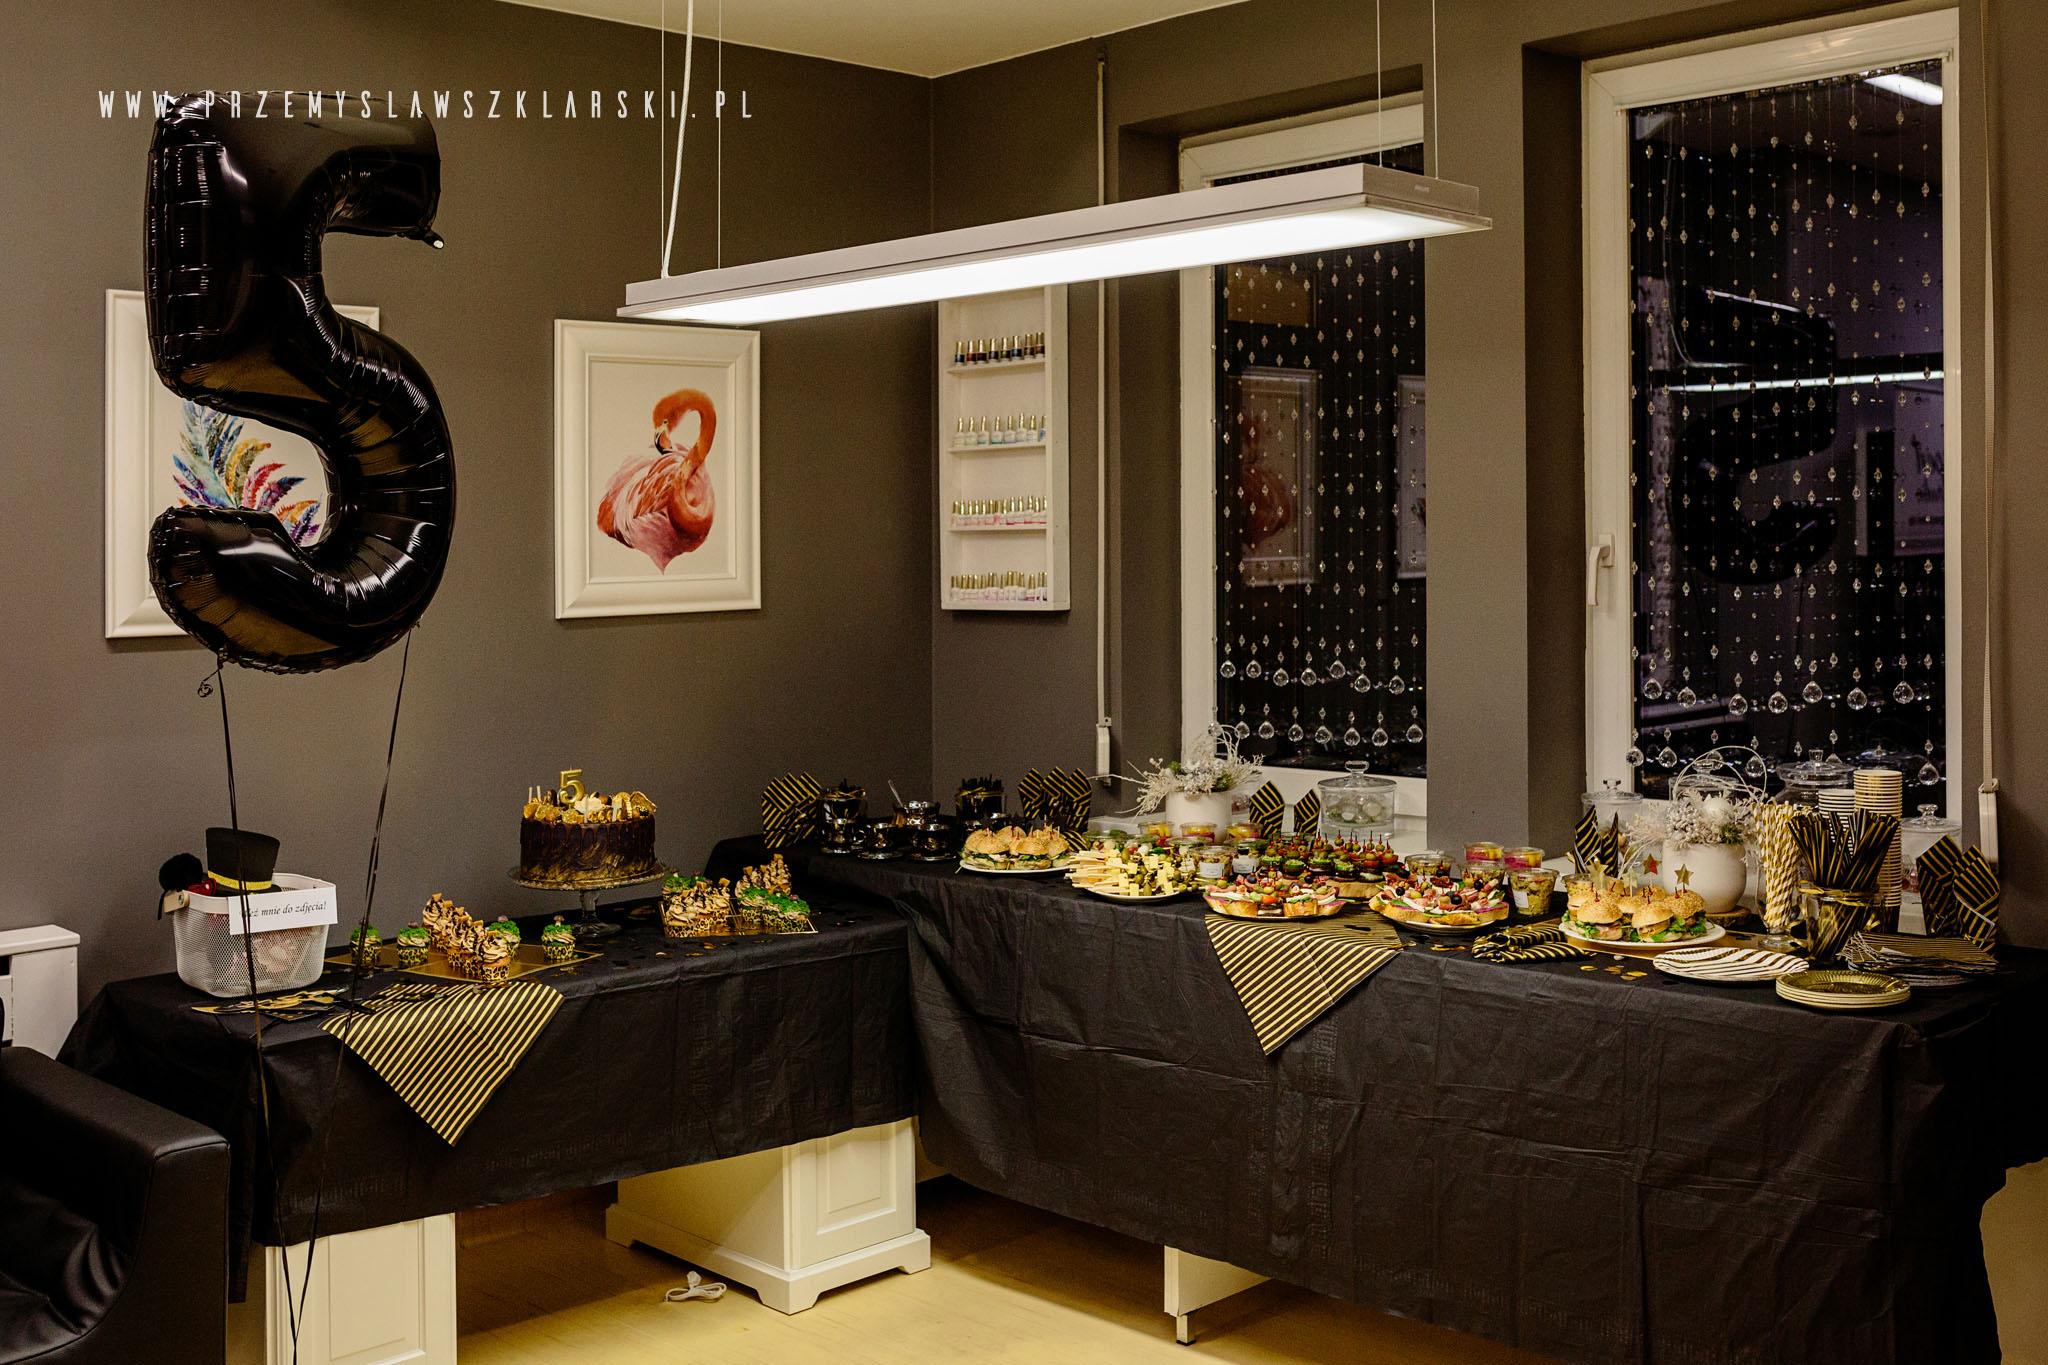 5 Urodziny Ekspert Studio 1002 Ekspert Studio Tarnowskie Góry | 5 urodziny | 2018